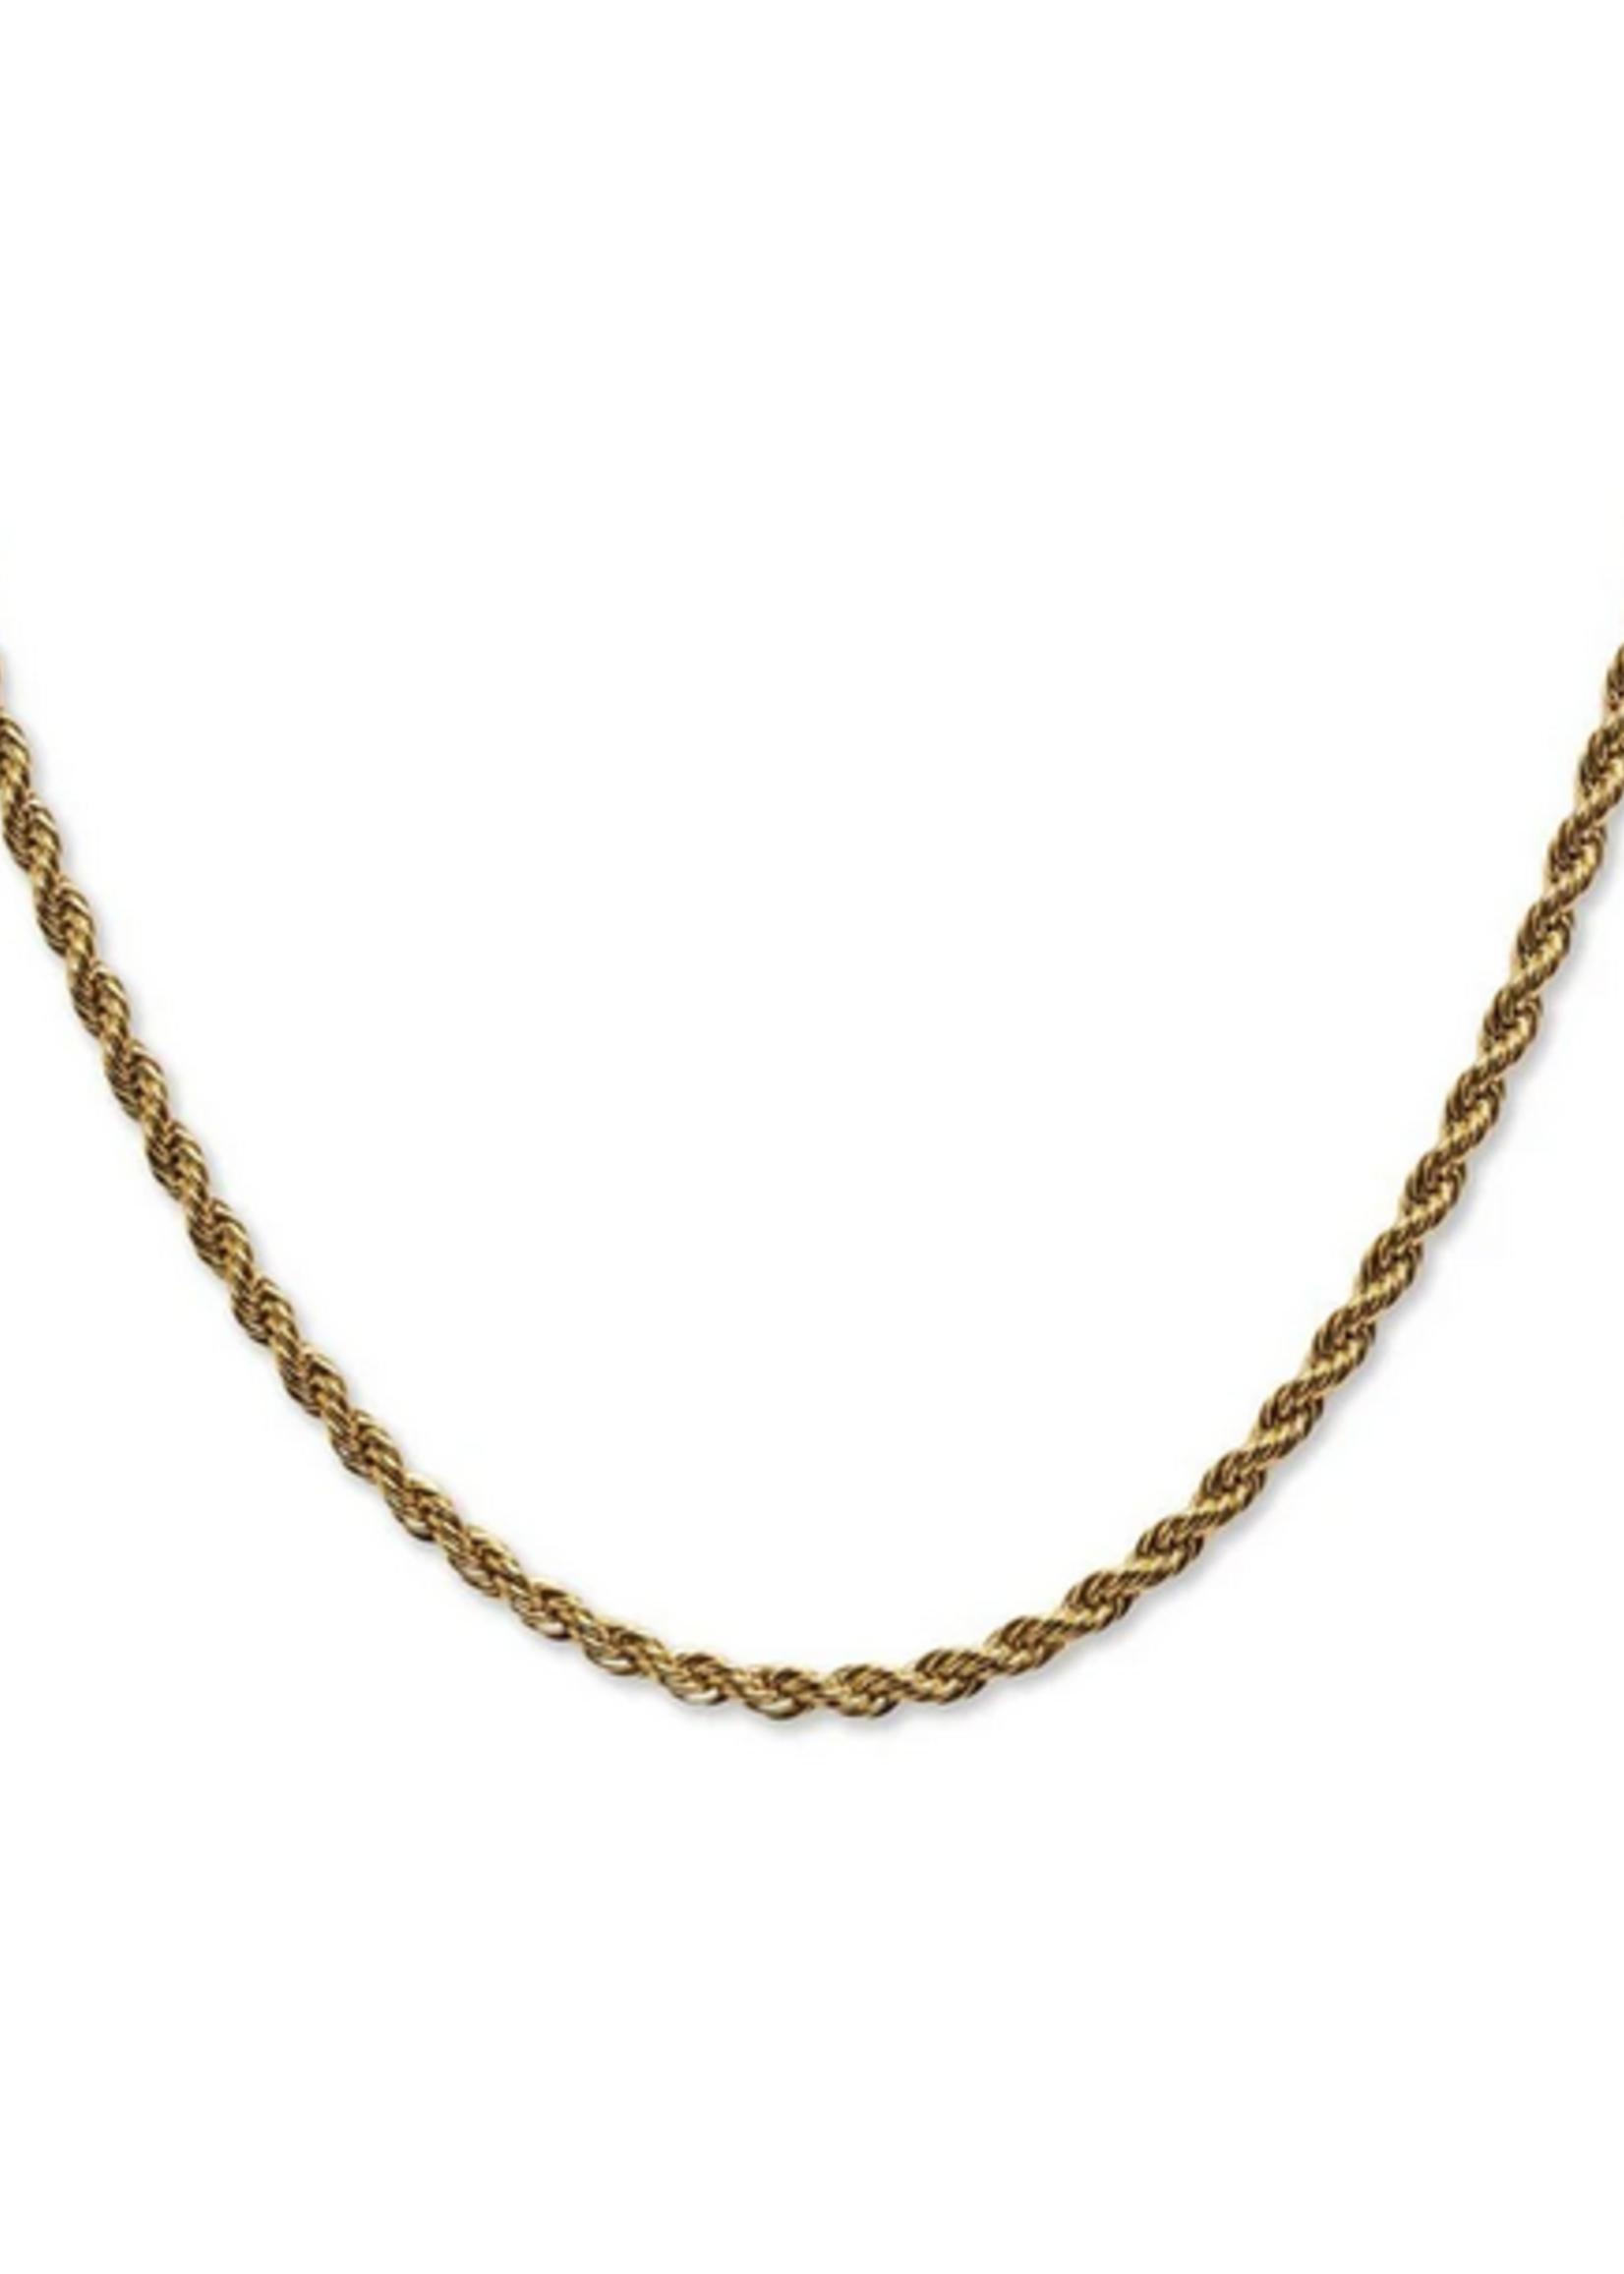 Elitaire Boutique Evie Rope Necklace